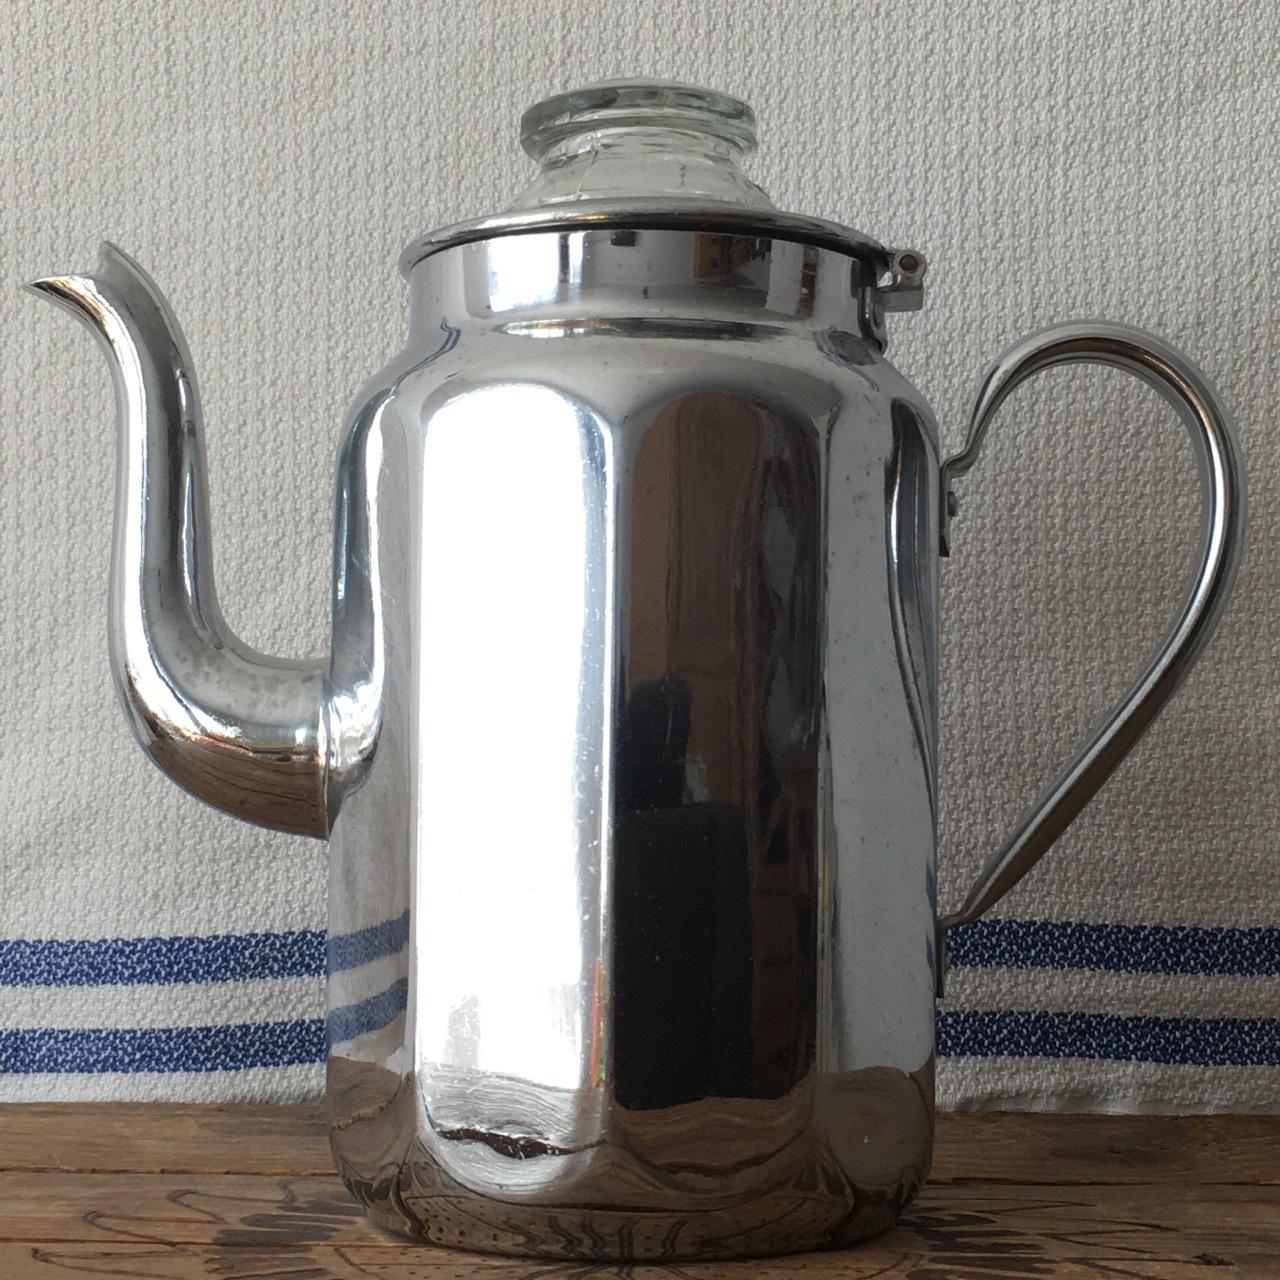 Feldhaus perkoヴィンテージ  コーヒー ポット/パーコレーター/コーヒーメーカー